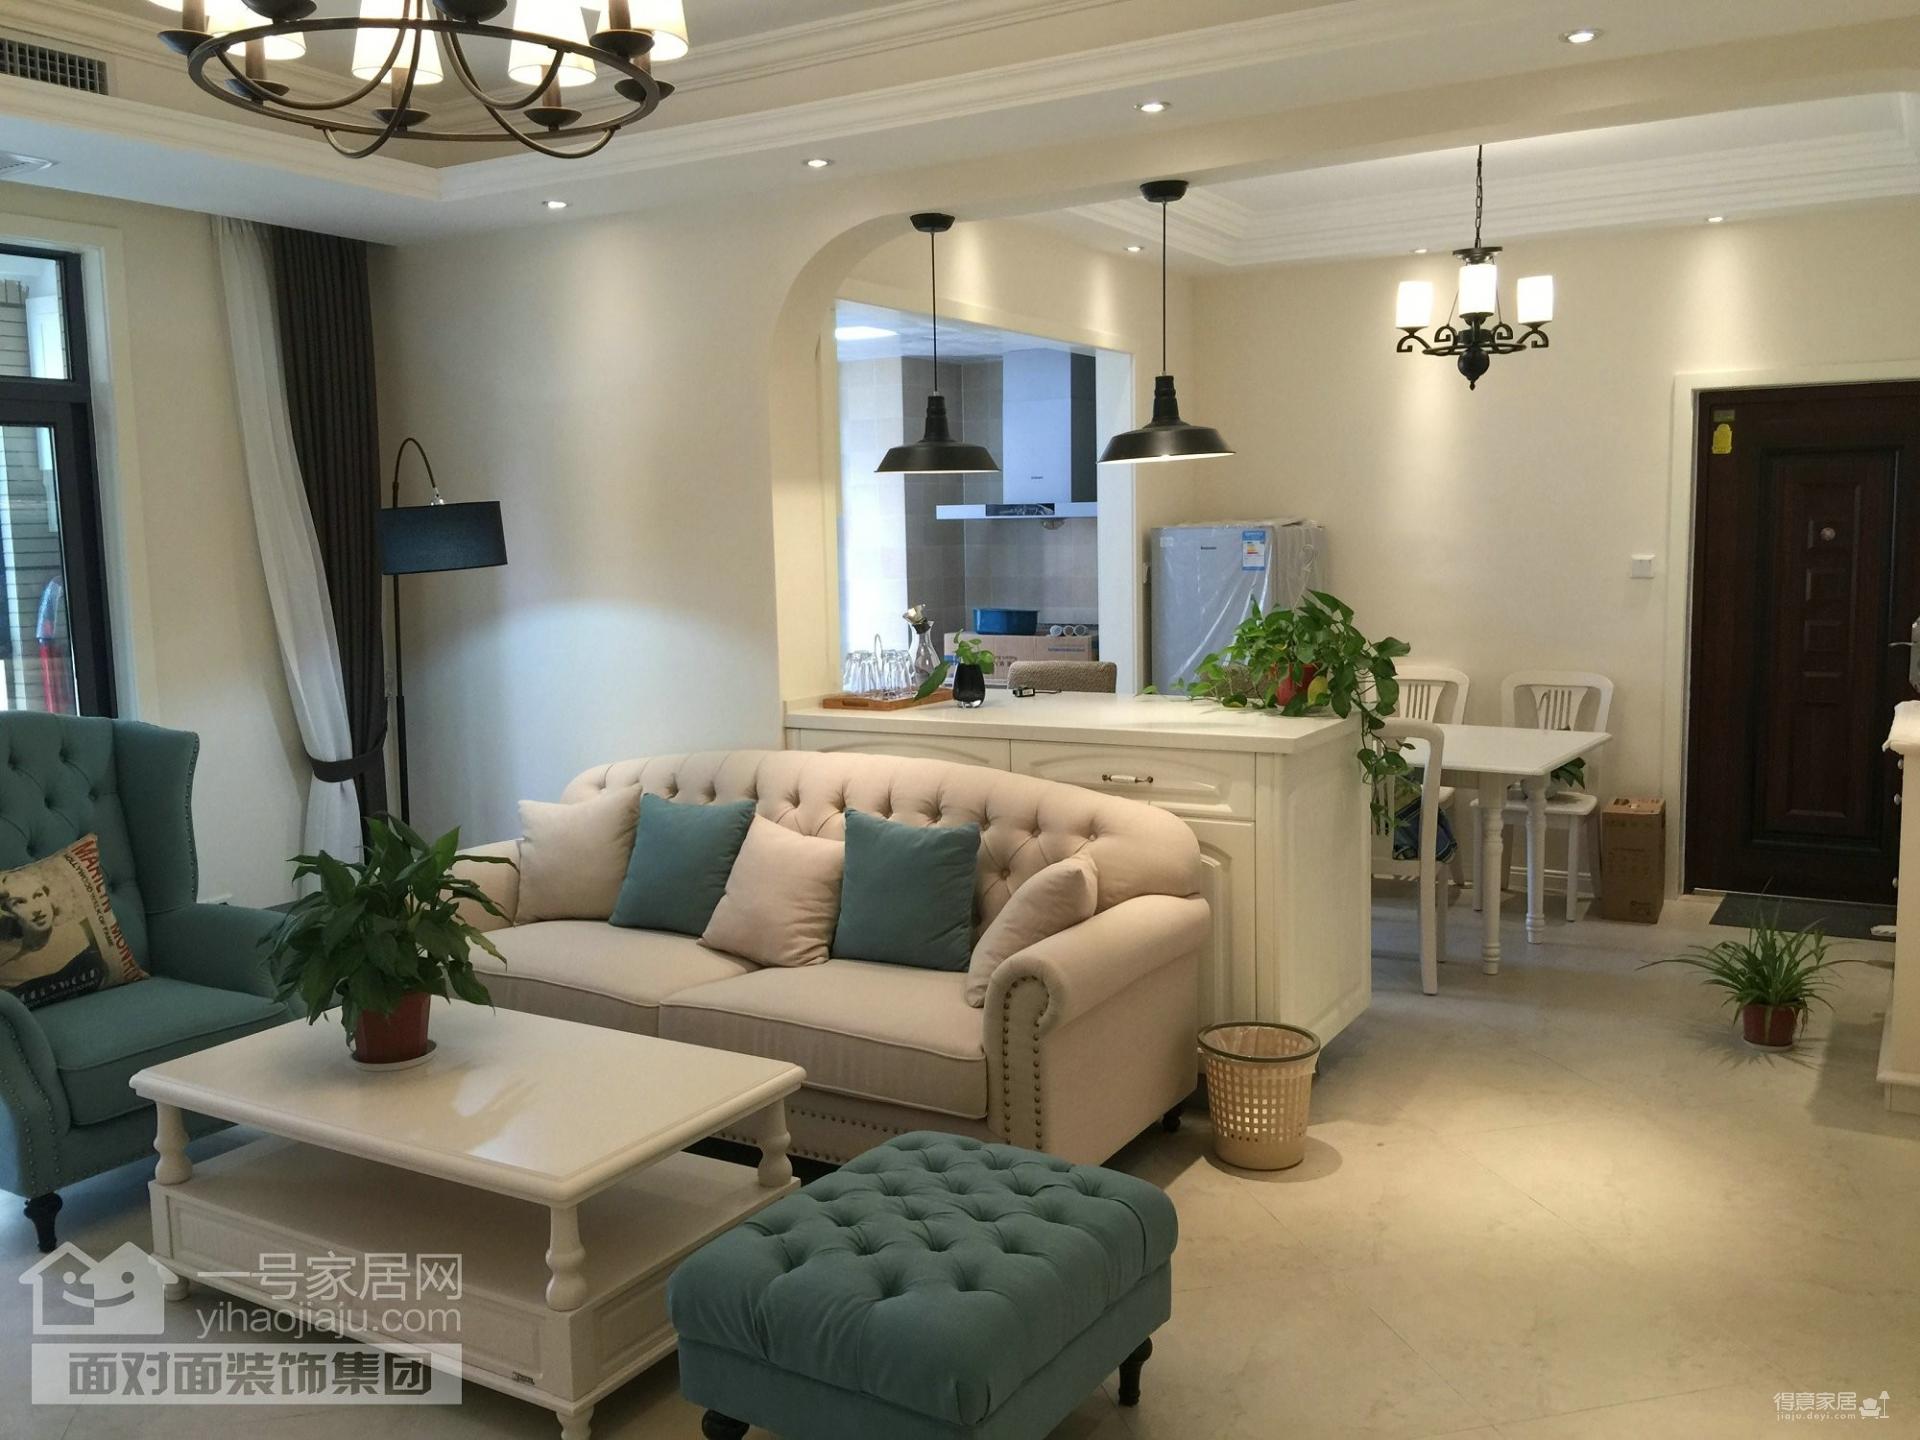 富强天合园-93平-混搭-两室两厅(实景图)装修效果图